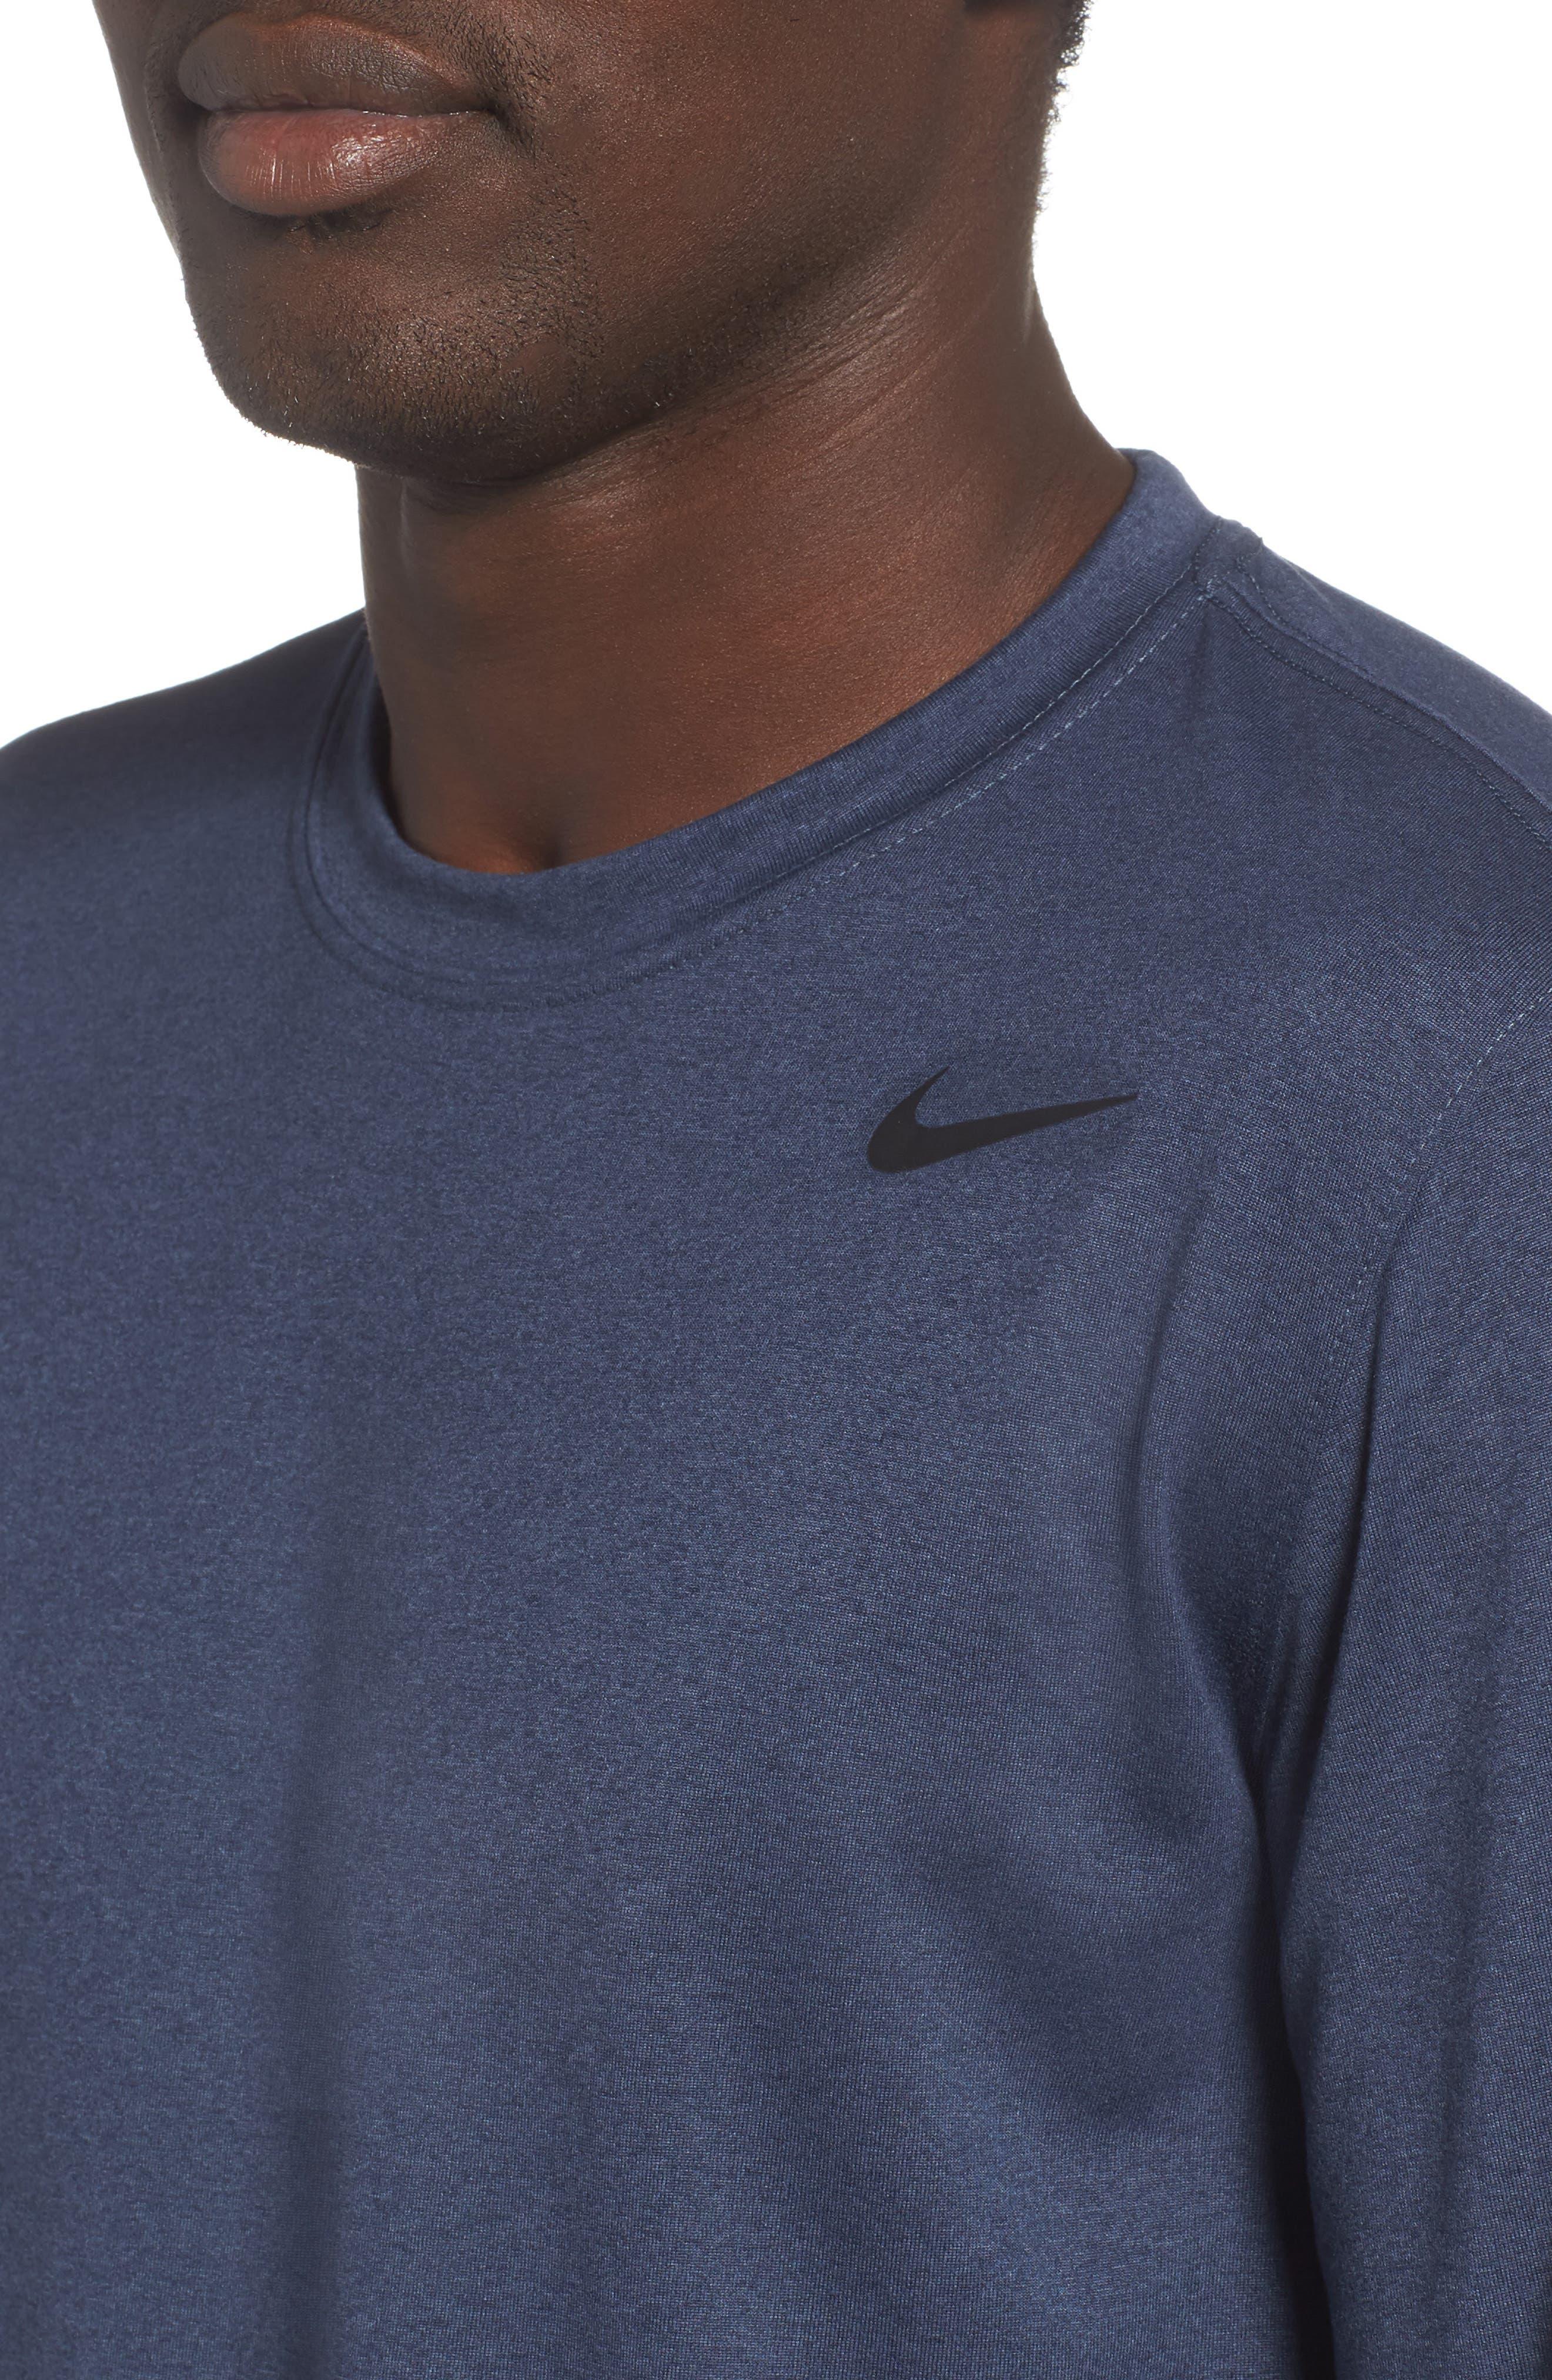 'Legend 2.0' Long Sleeve Dri-FIT Training T-Shirt,                             Alternate thumbnail 4, color,                             THUNDER BLUE/ BLACK